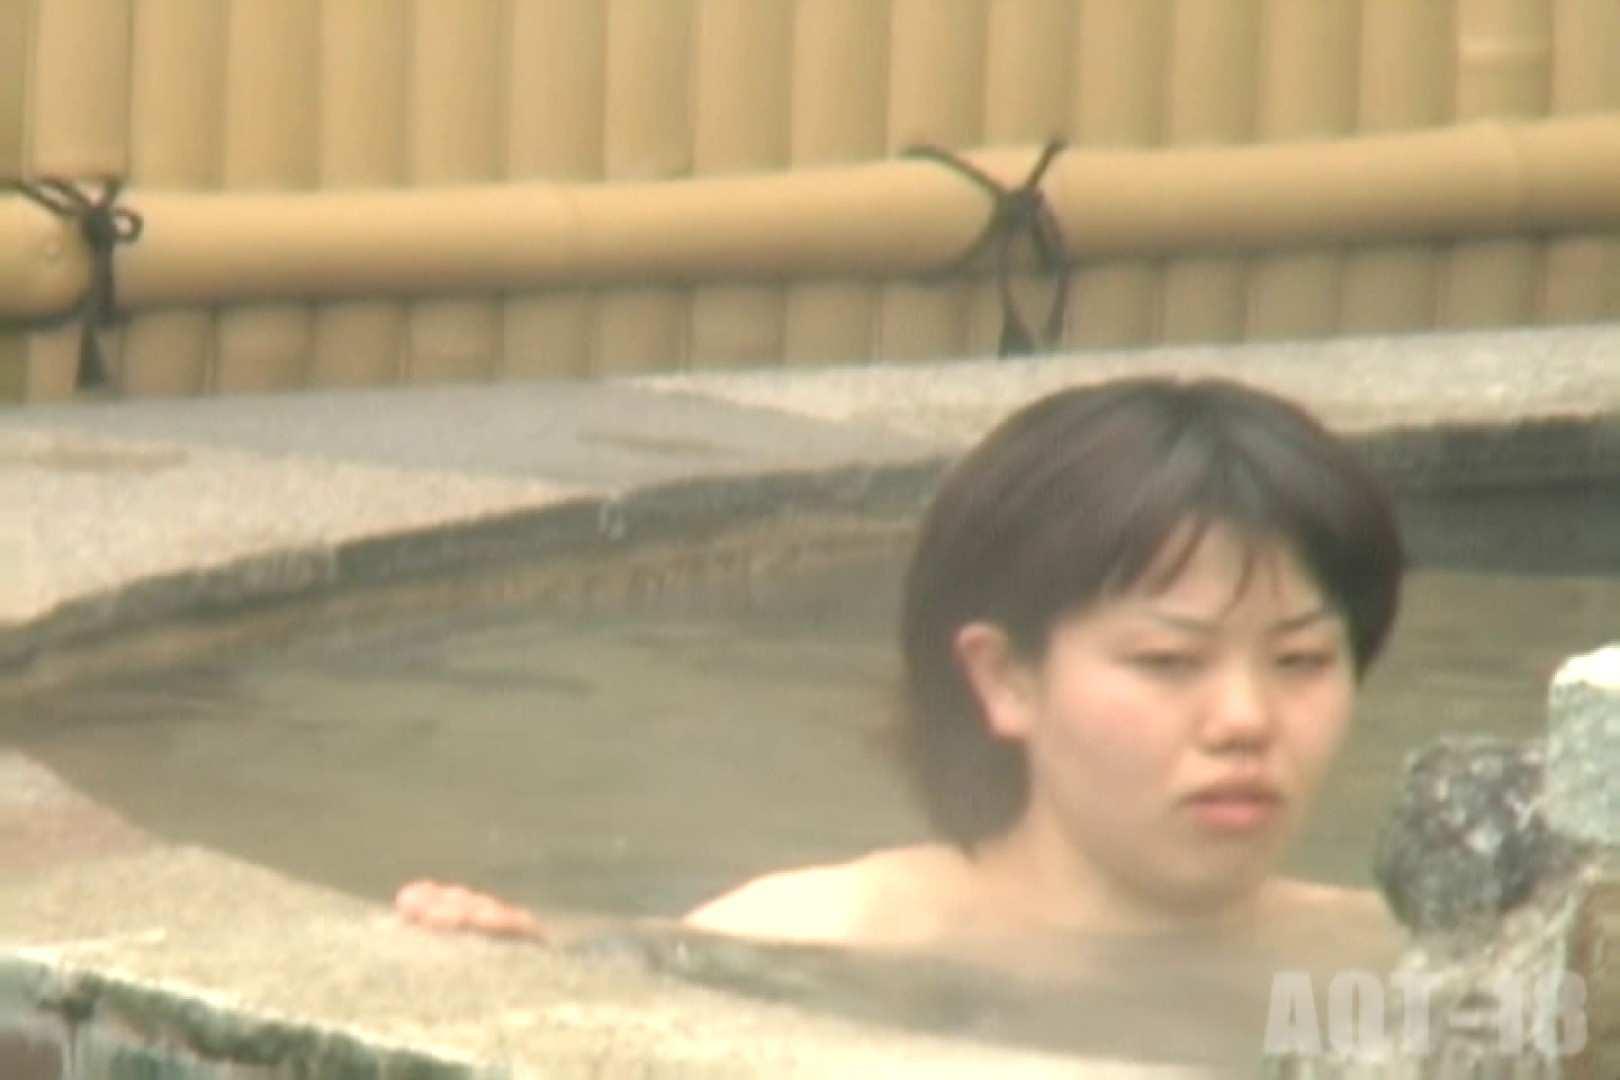 Aquaな露天風呂Vol.861 盗撮師作品 | 美しいOLの裸体  104pic 73